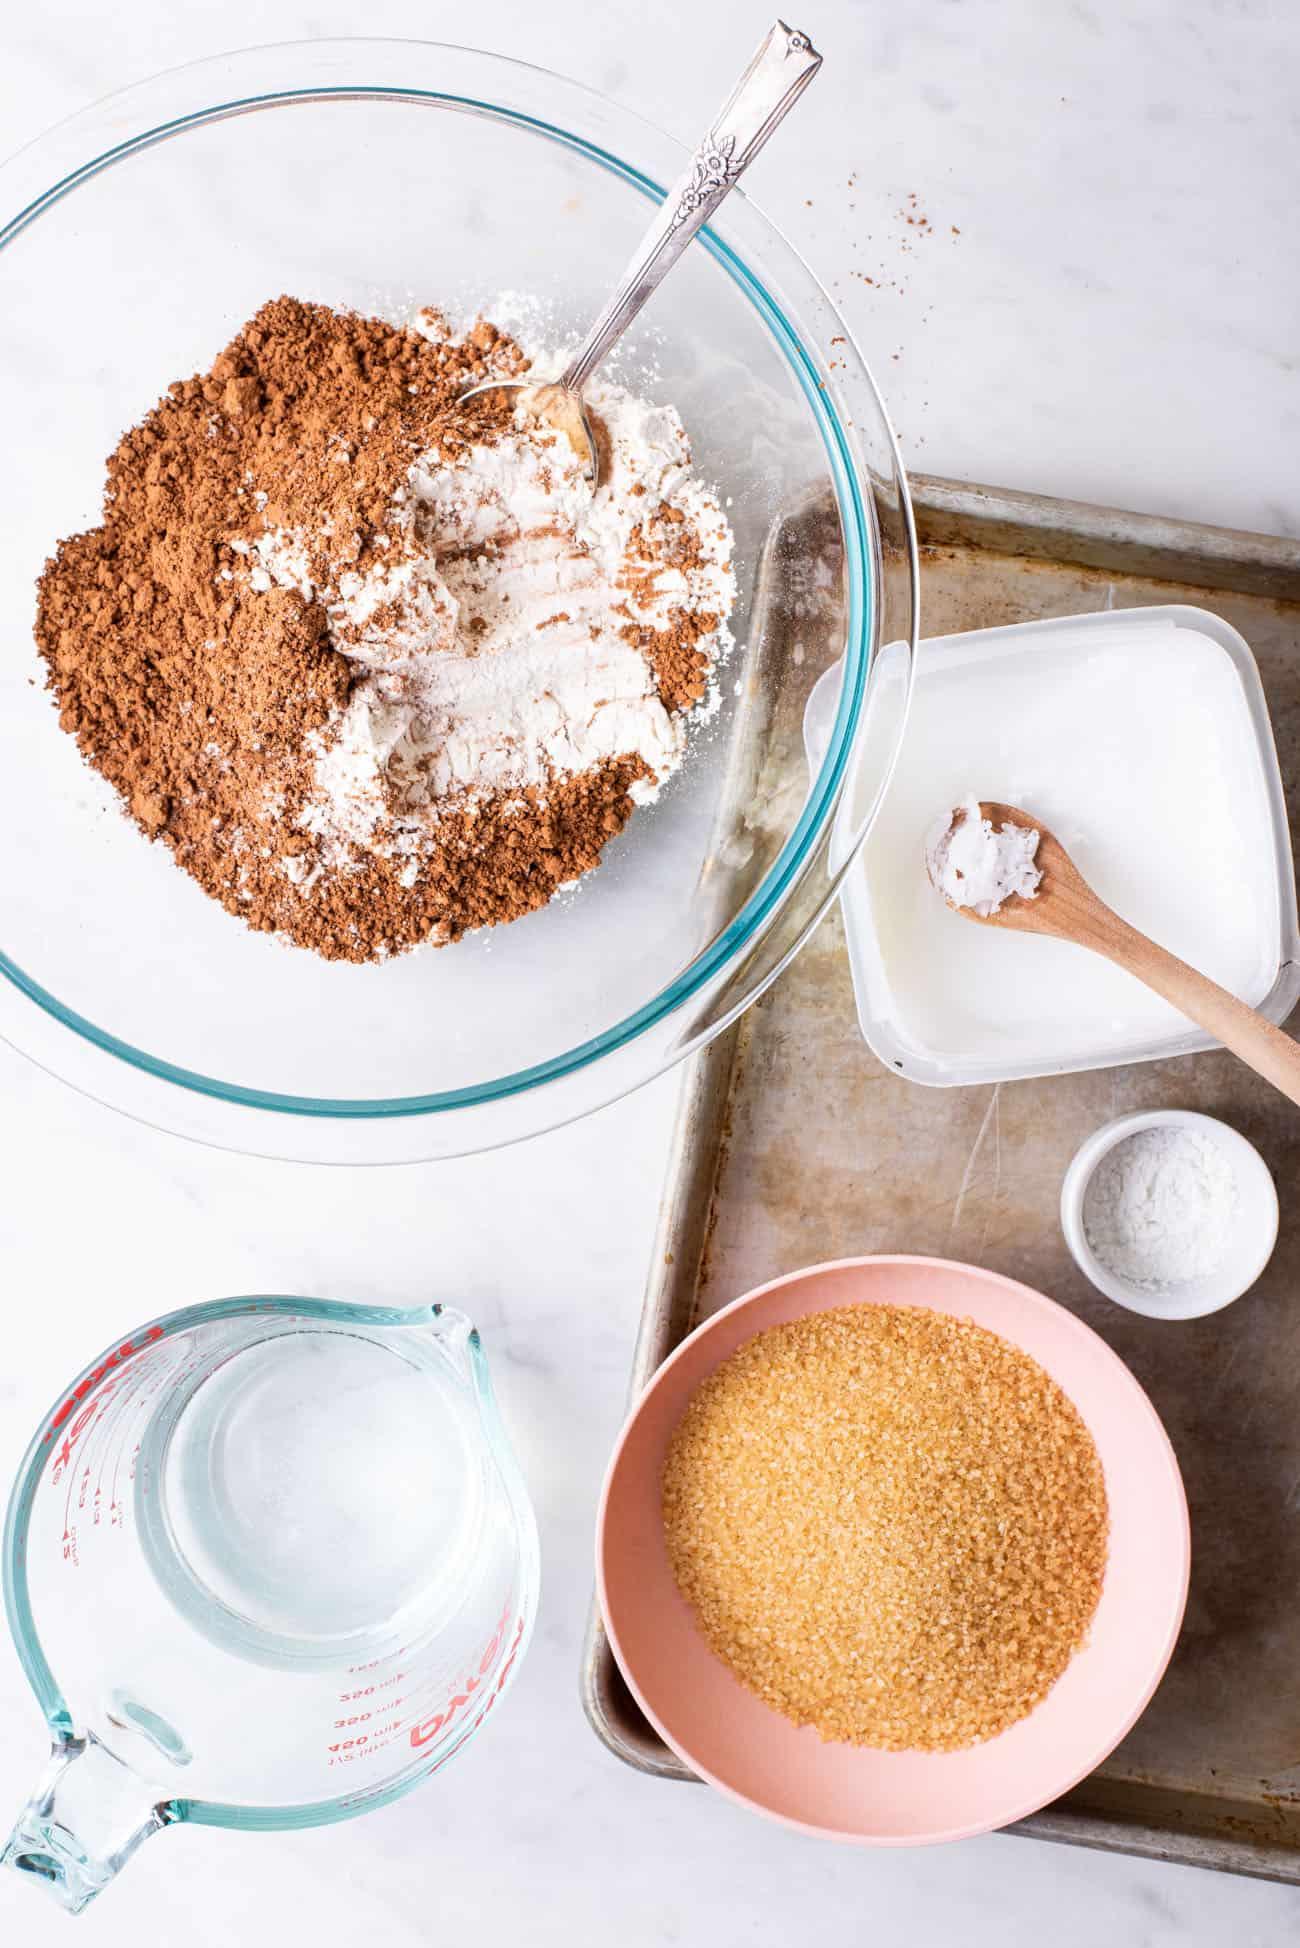 Ingredients gathered to make vegan brownies